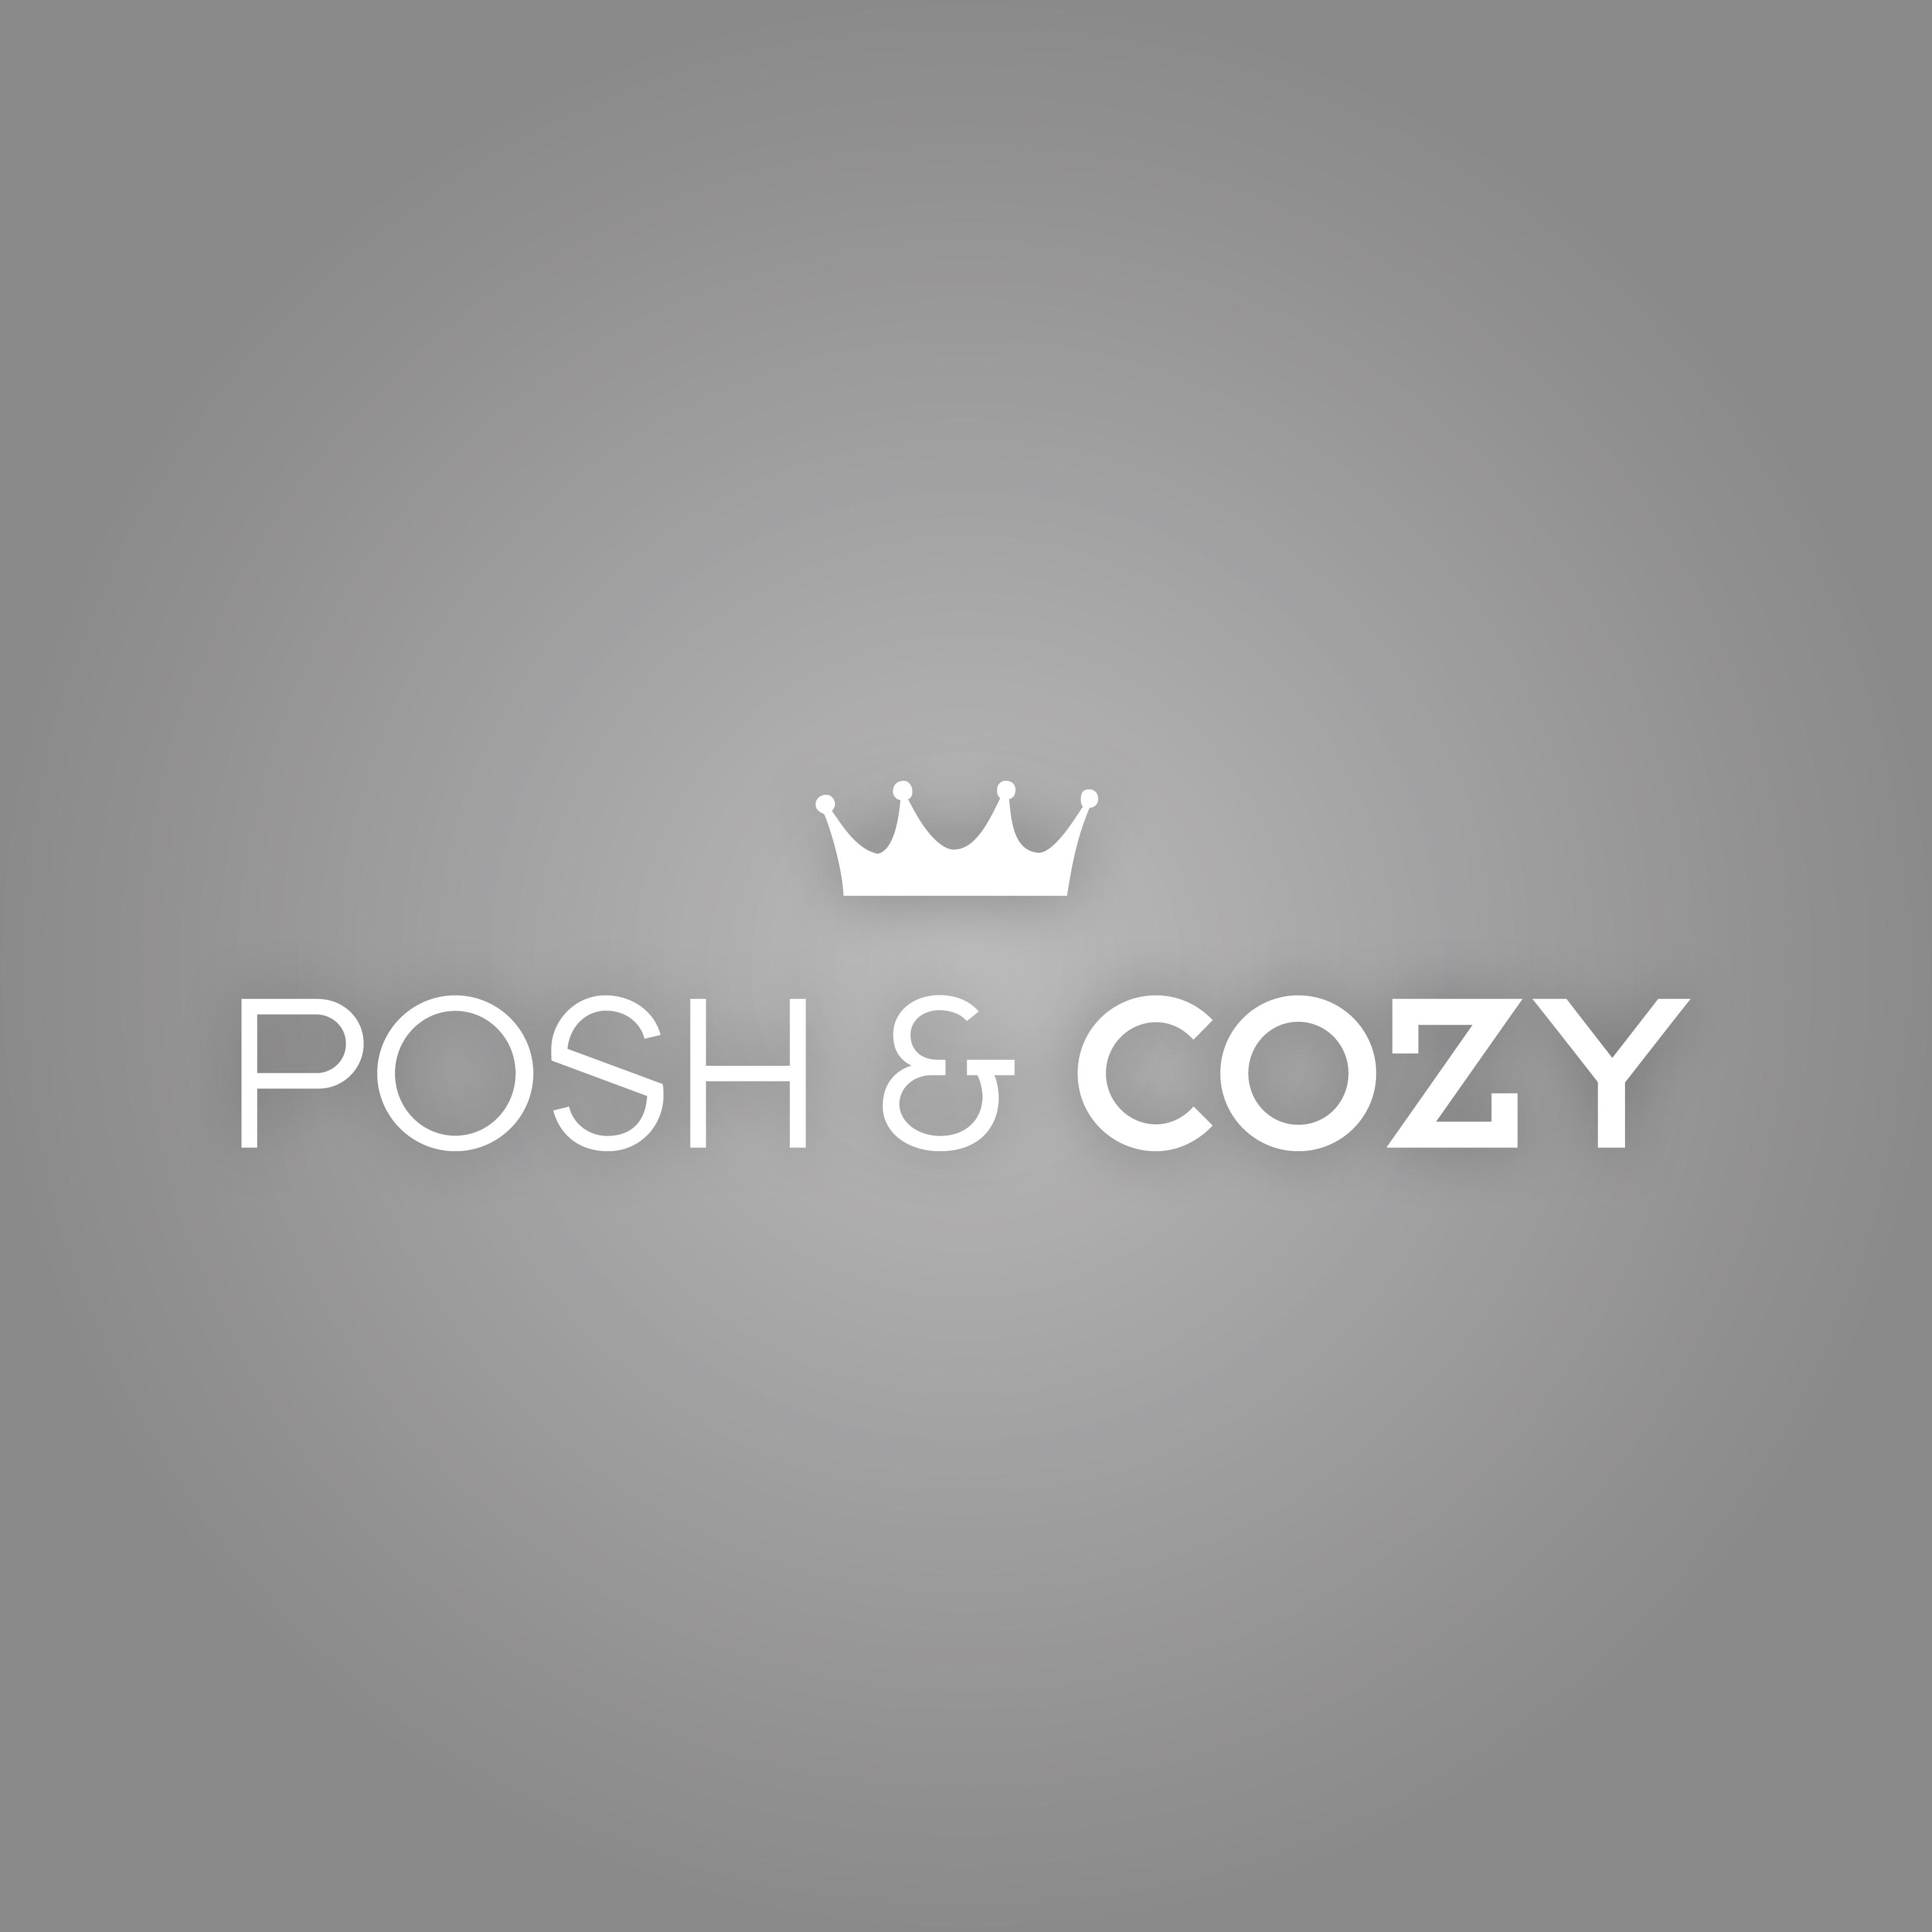 Posh & Cozy